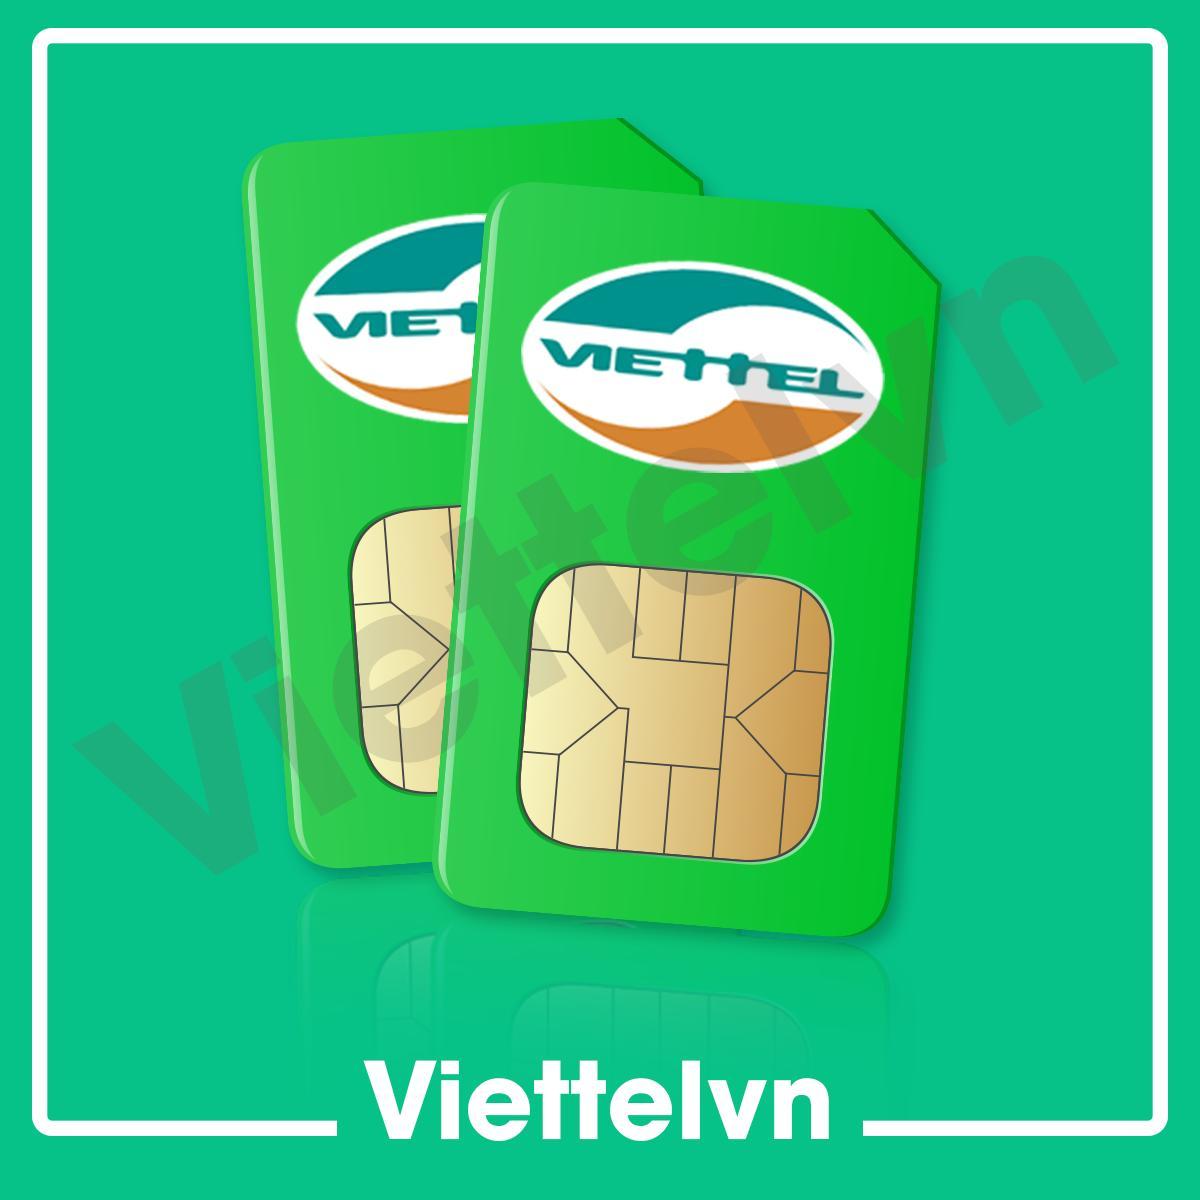 Giá Sim 4G 10 số Viettel V120  (60Gb + 4350 phút gọi miễn phí / tháng +100 phút gọi ngoại mạng) chỉ với 120k/tháng viettelvn.